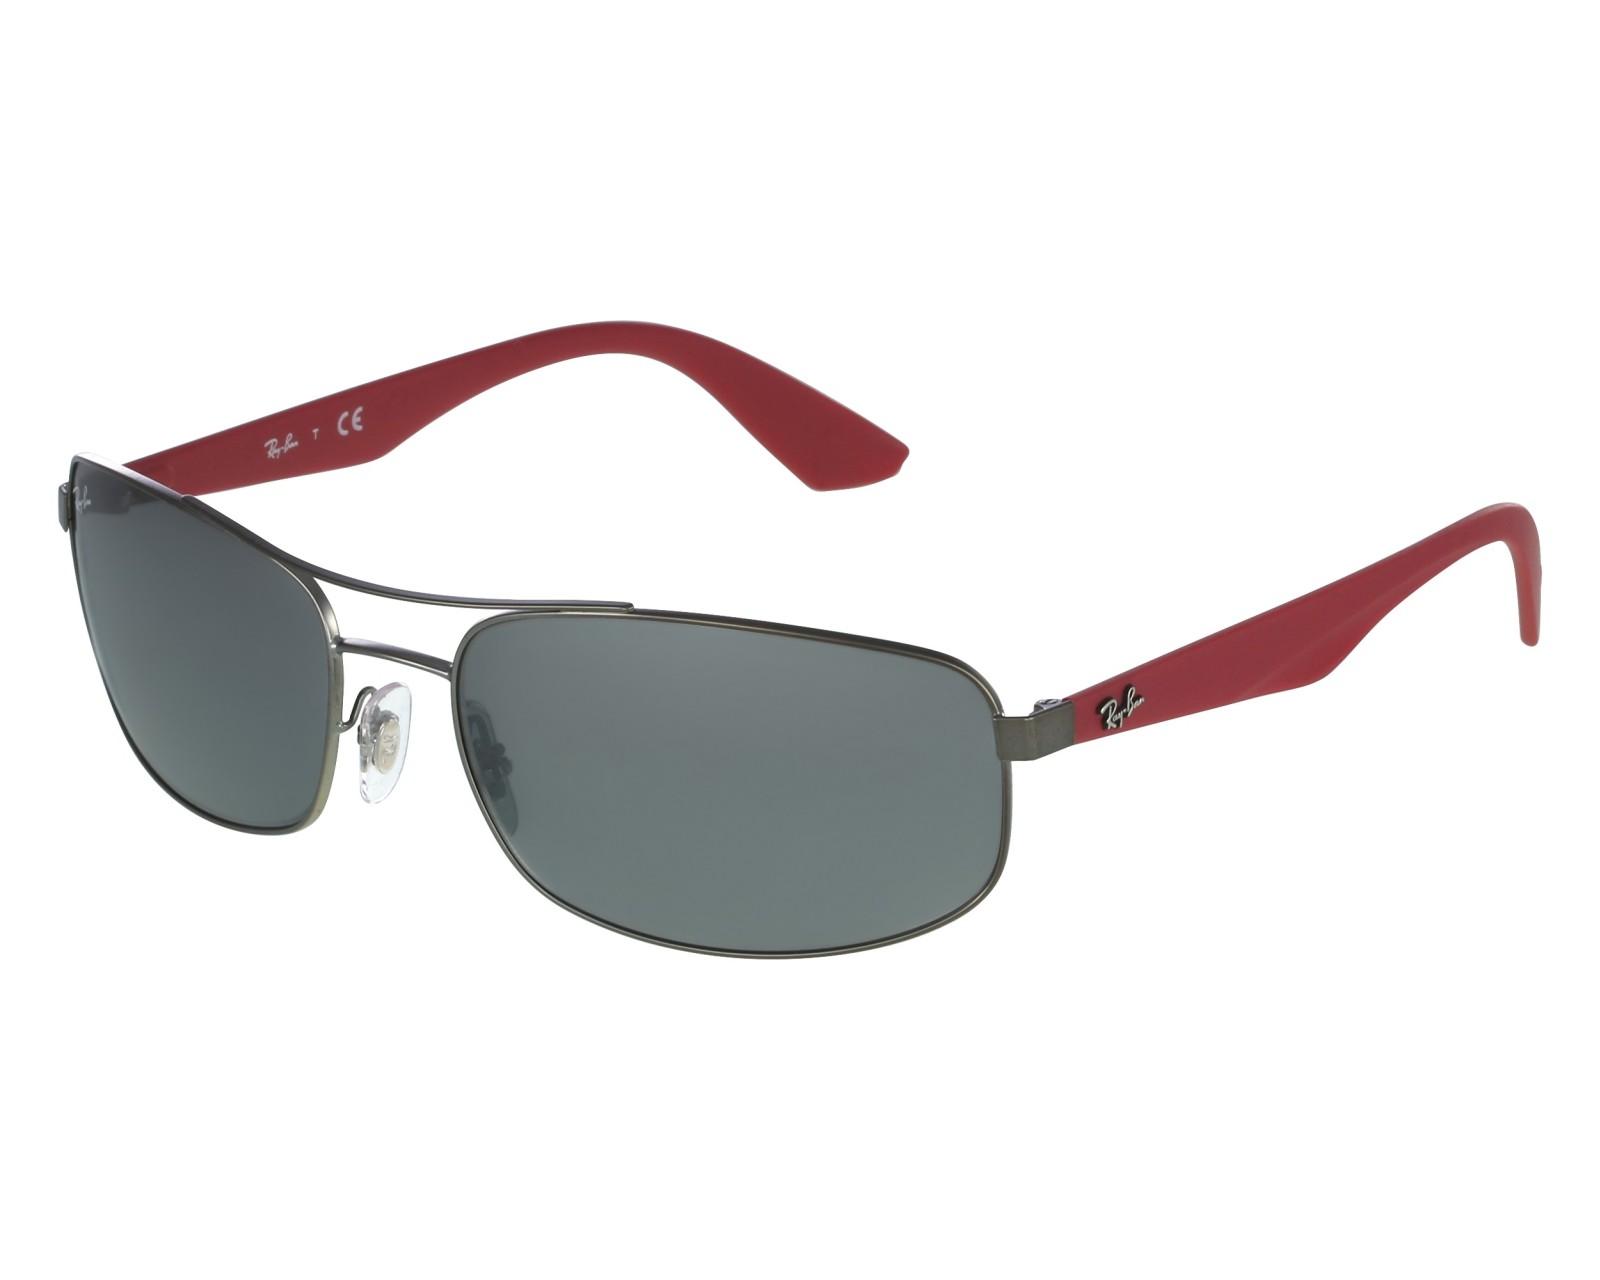 bffb49163ba thumbnail Sunglasses Ray-Ban RB-3527 029 6G - Gun Red front view